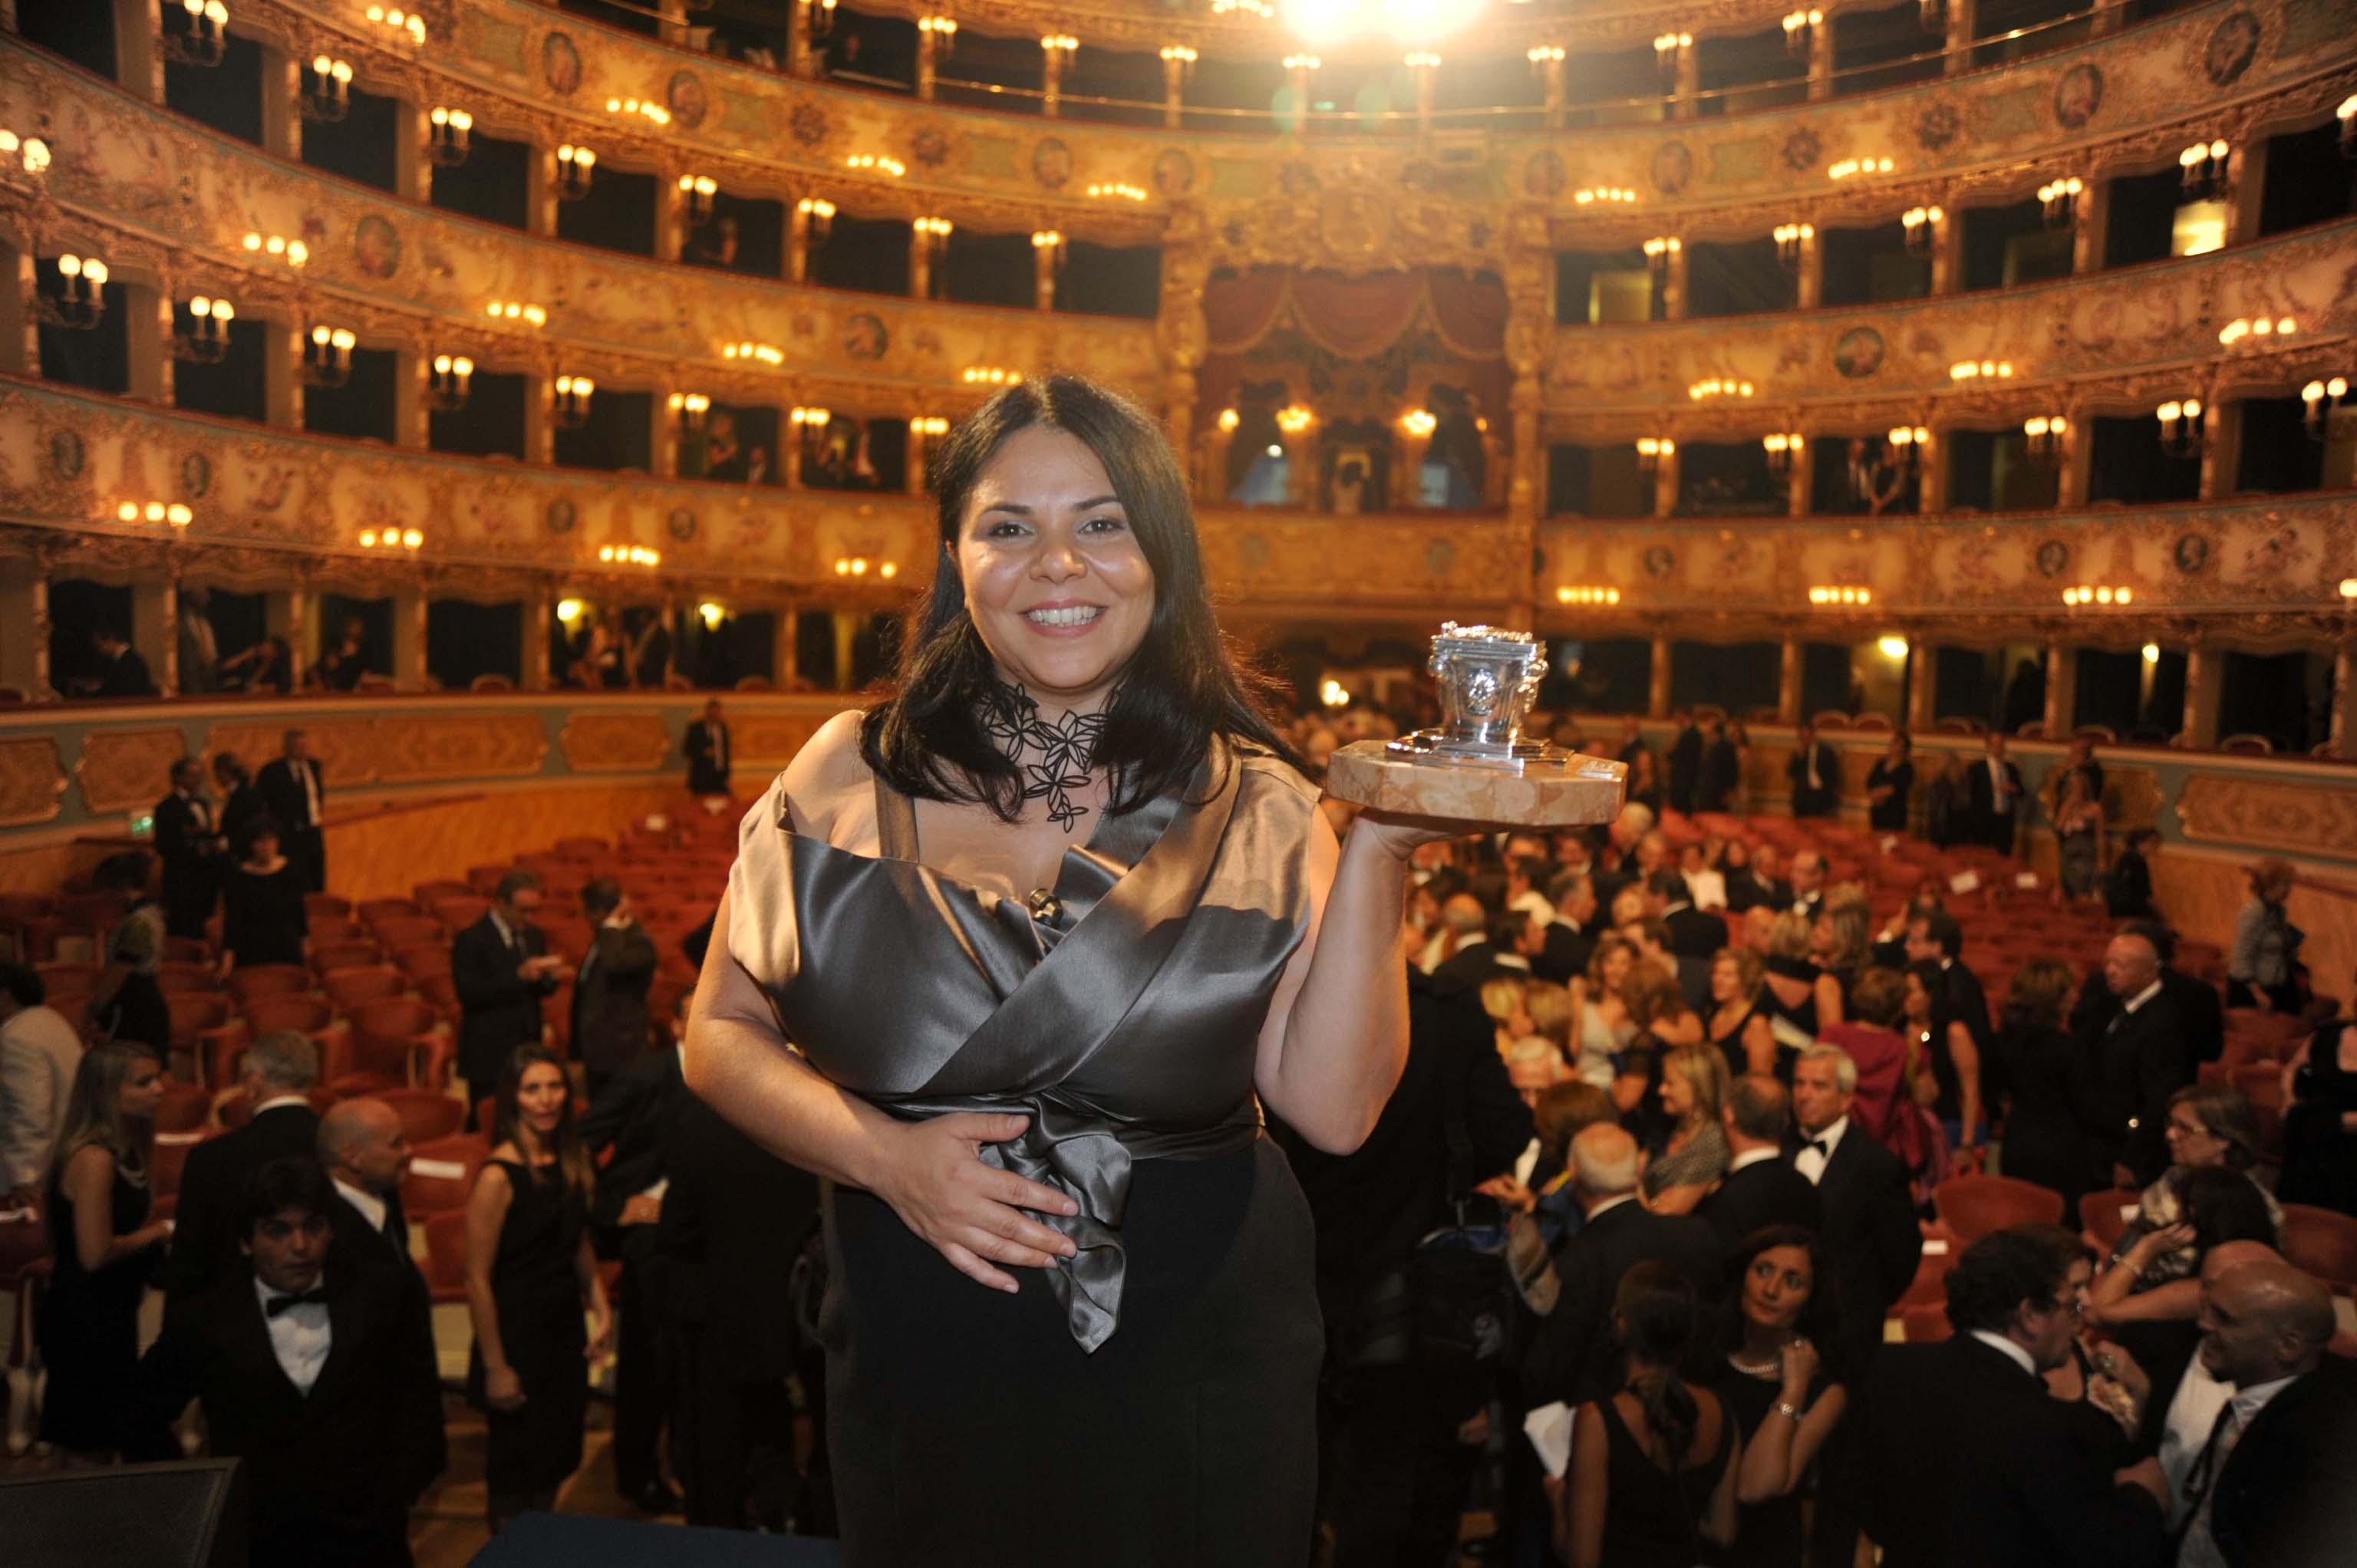 premio campiello vincitori michela murgia